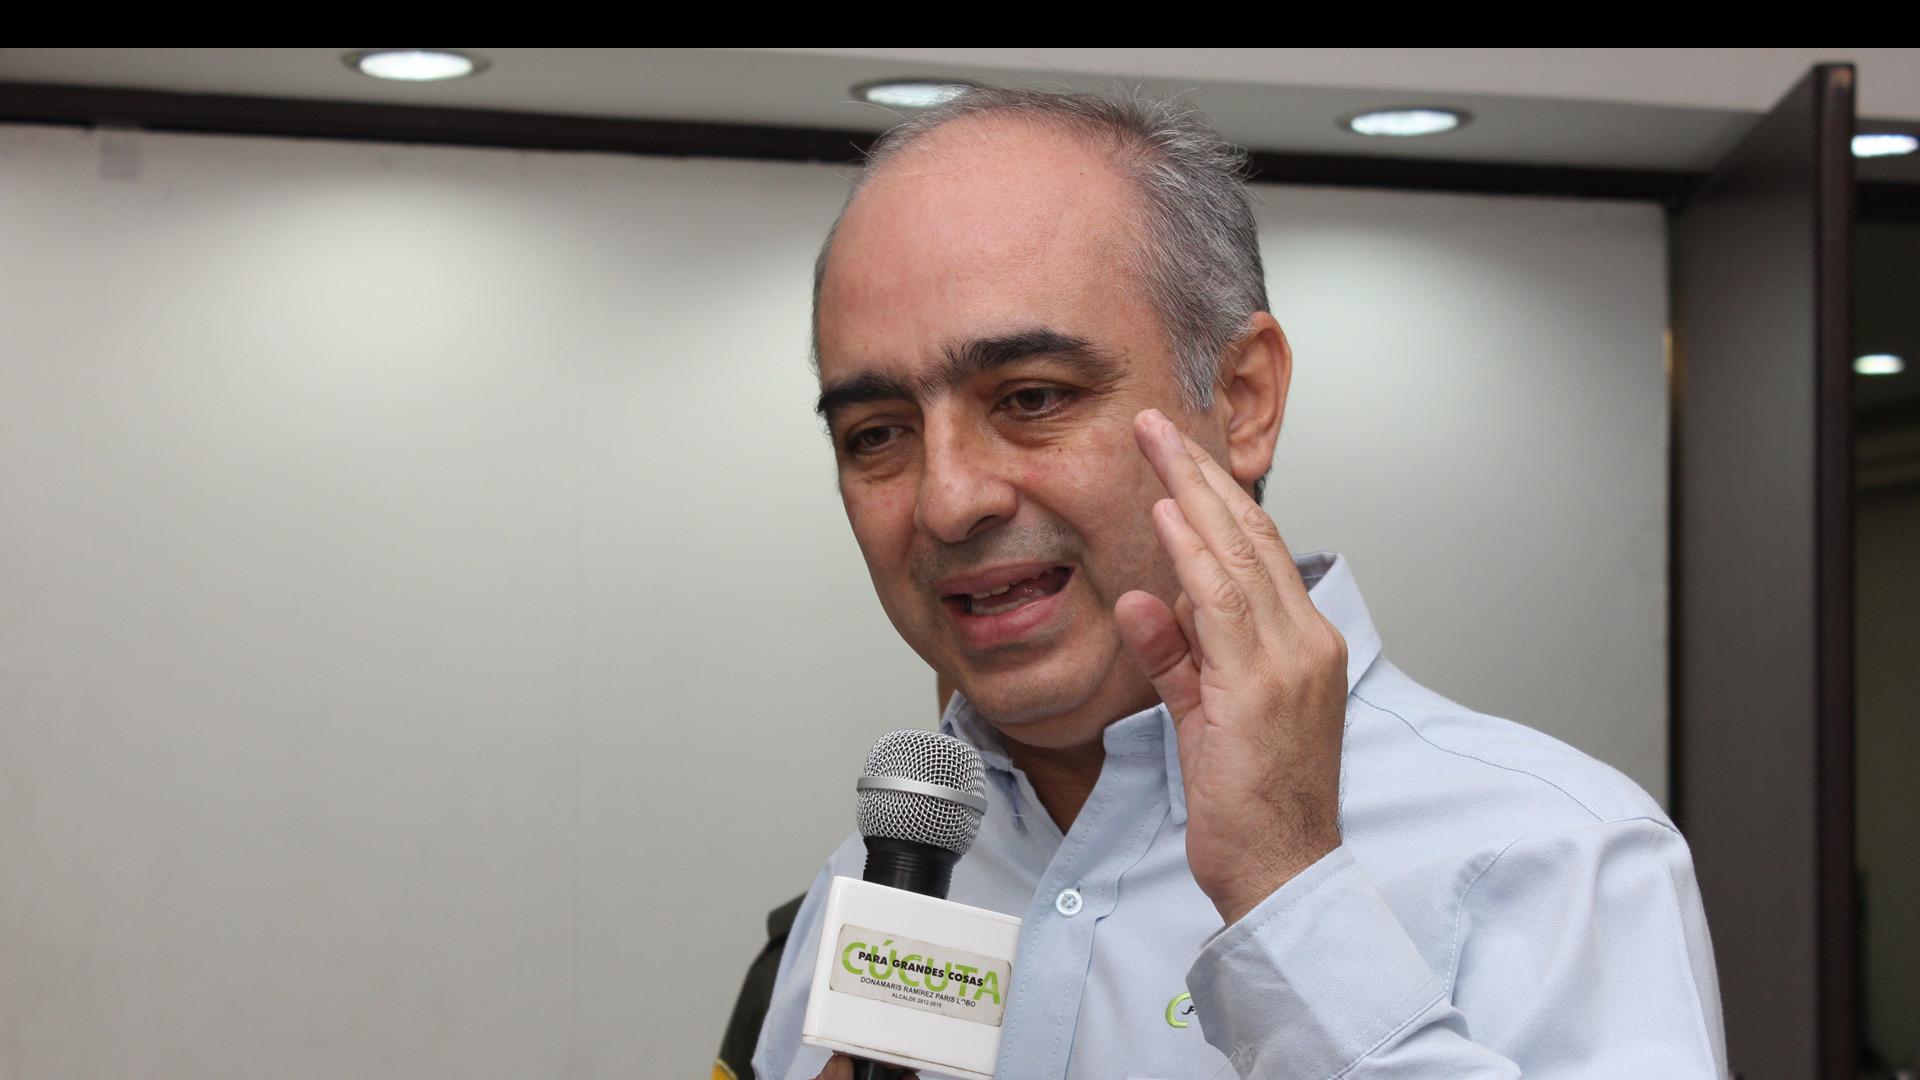 El alcalde de Cúcuta, Donamaris Ramírez, acusa al país vecino de incursiones militares en Colombia